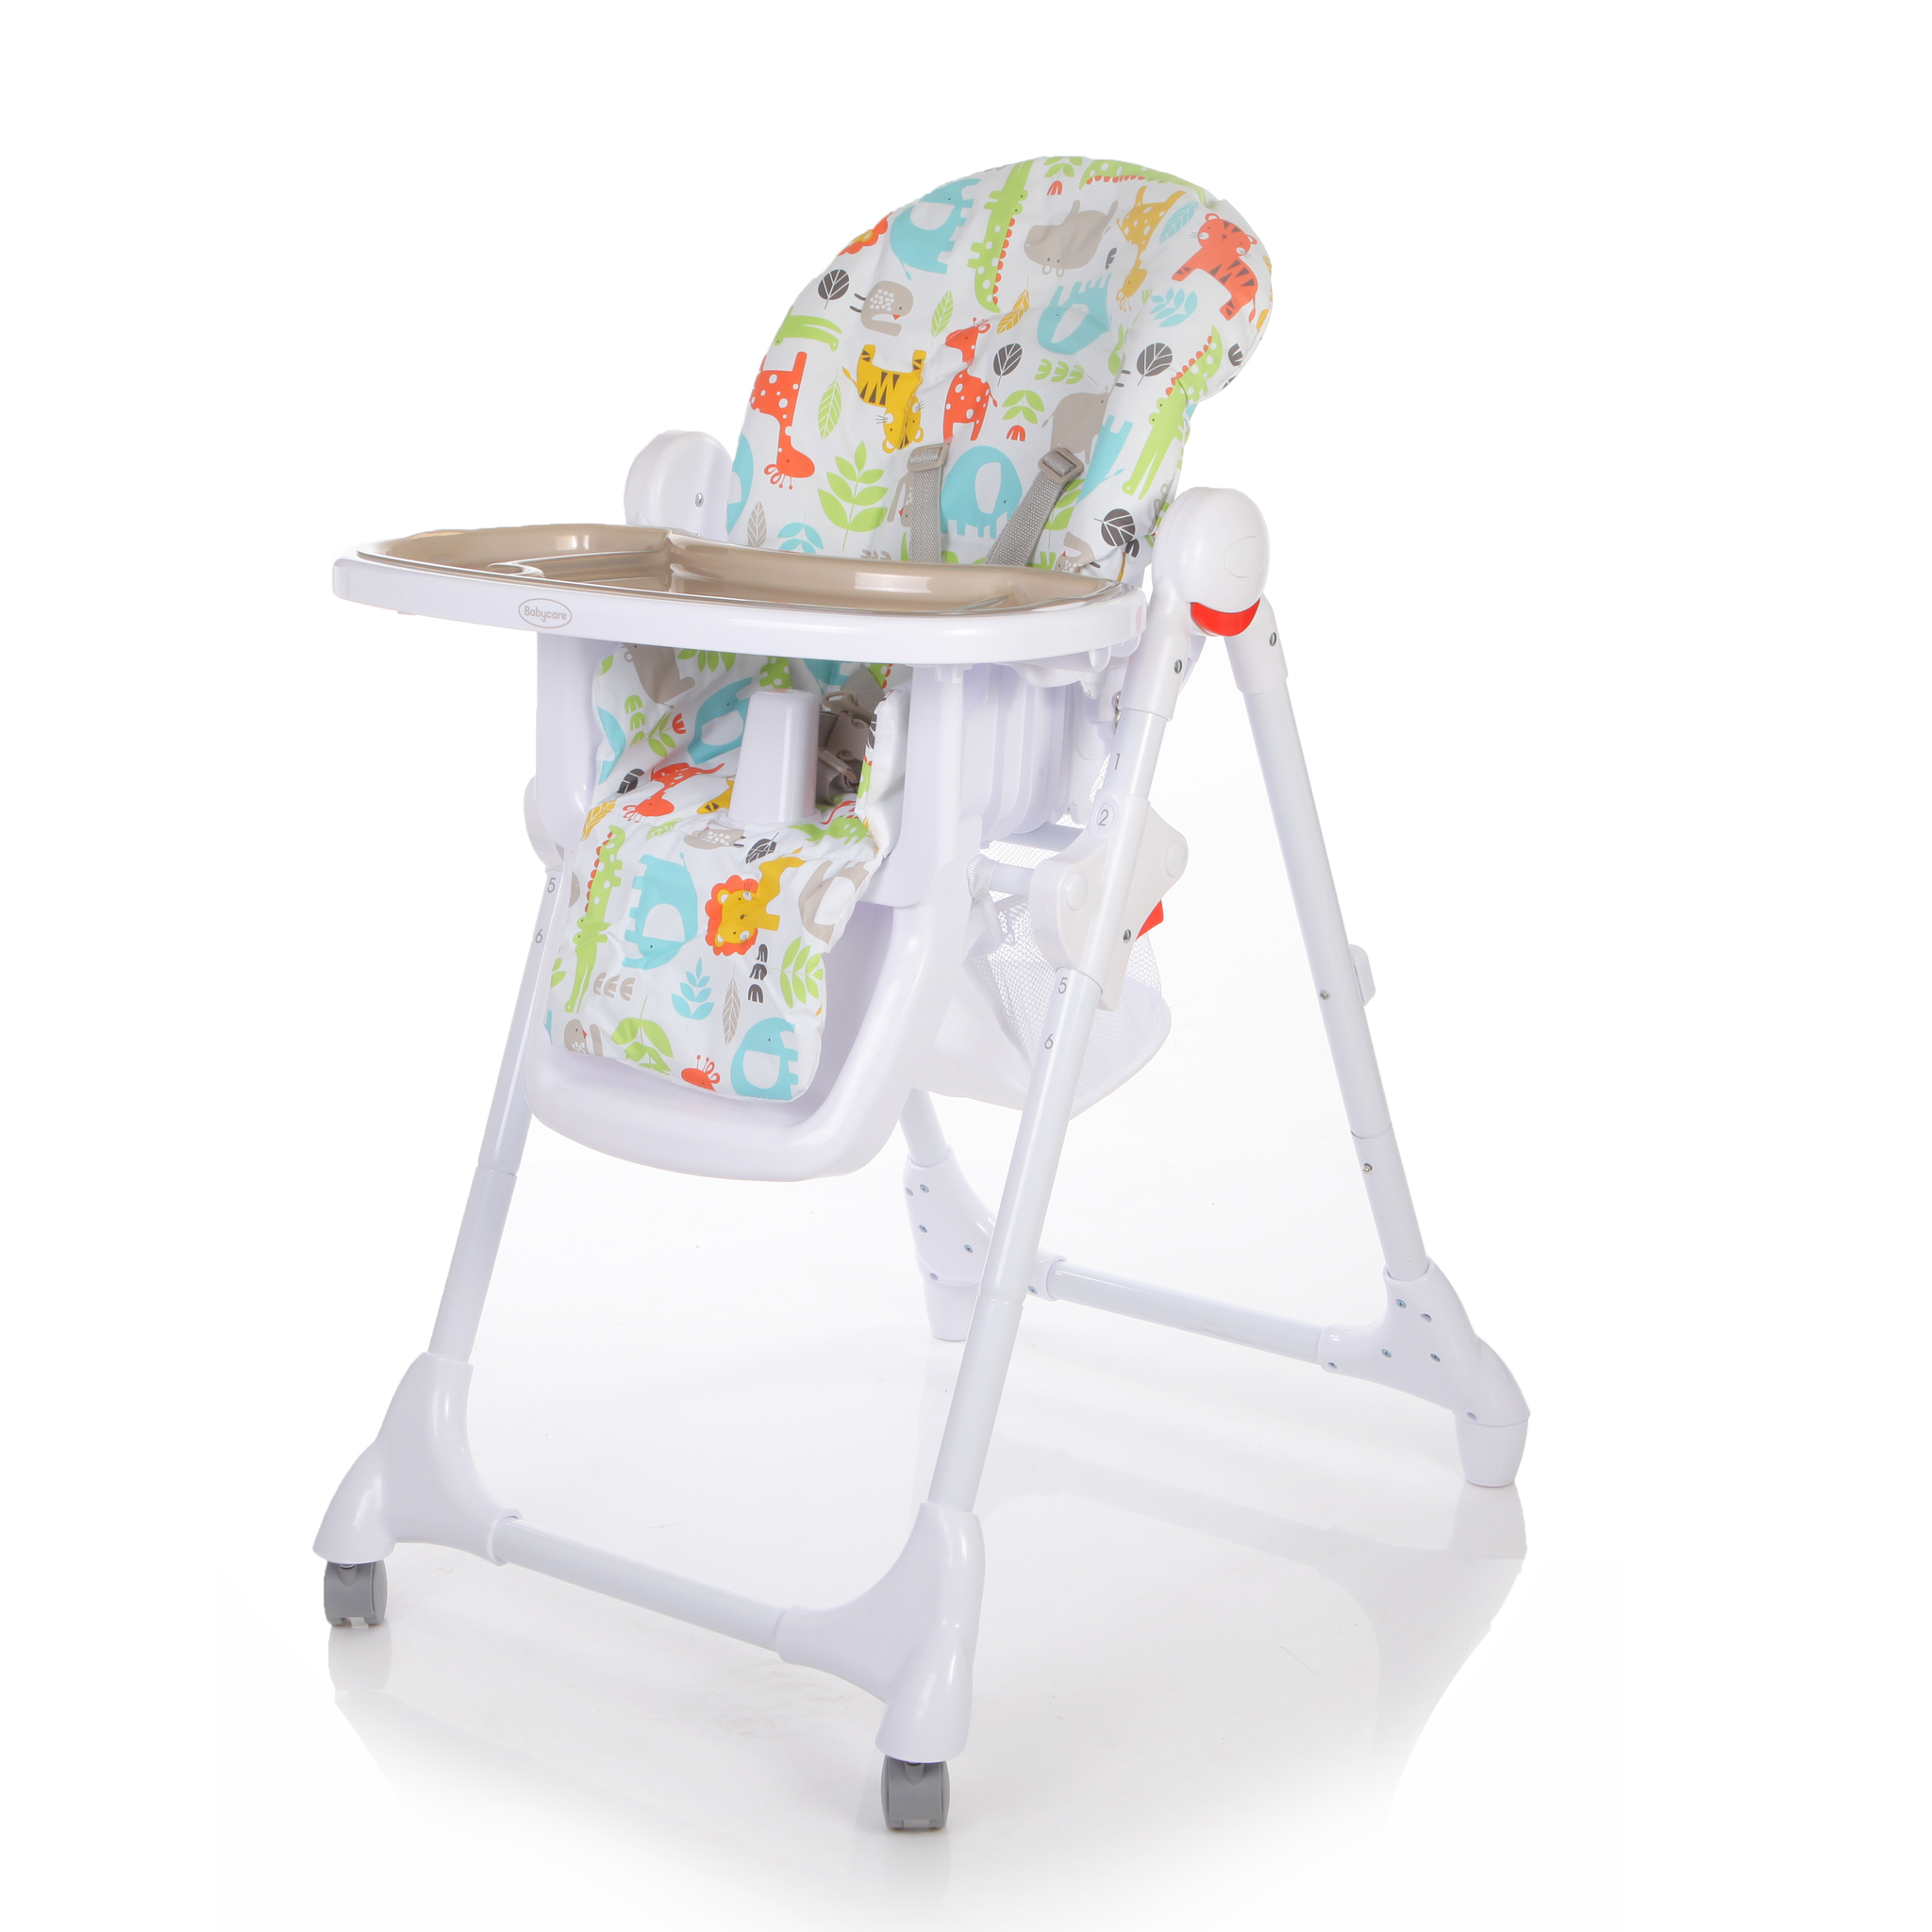 Детский стульчик для кормления Baby Care – Fiesta, серыйСтульчики для кормления<br>Детский стульчик для кормления Baby Care – Fiesta, серый<br>